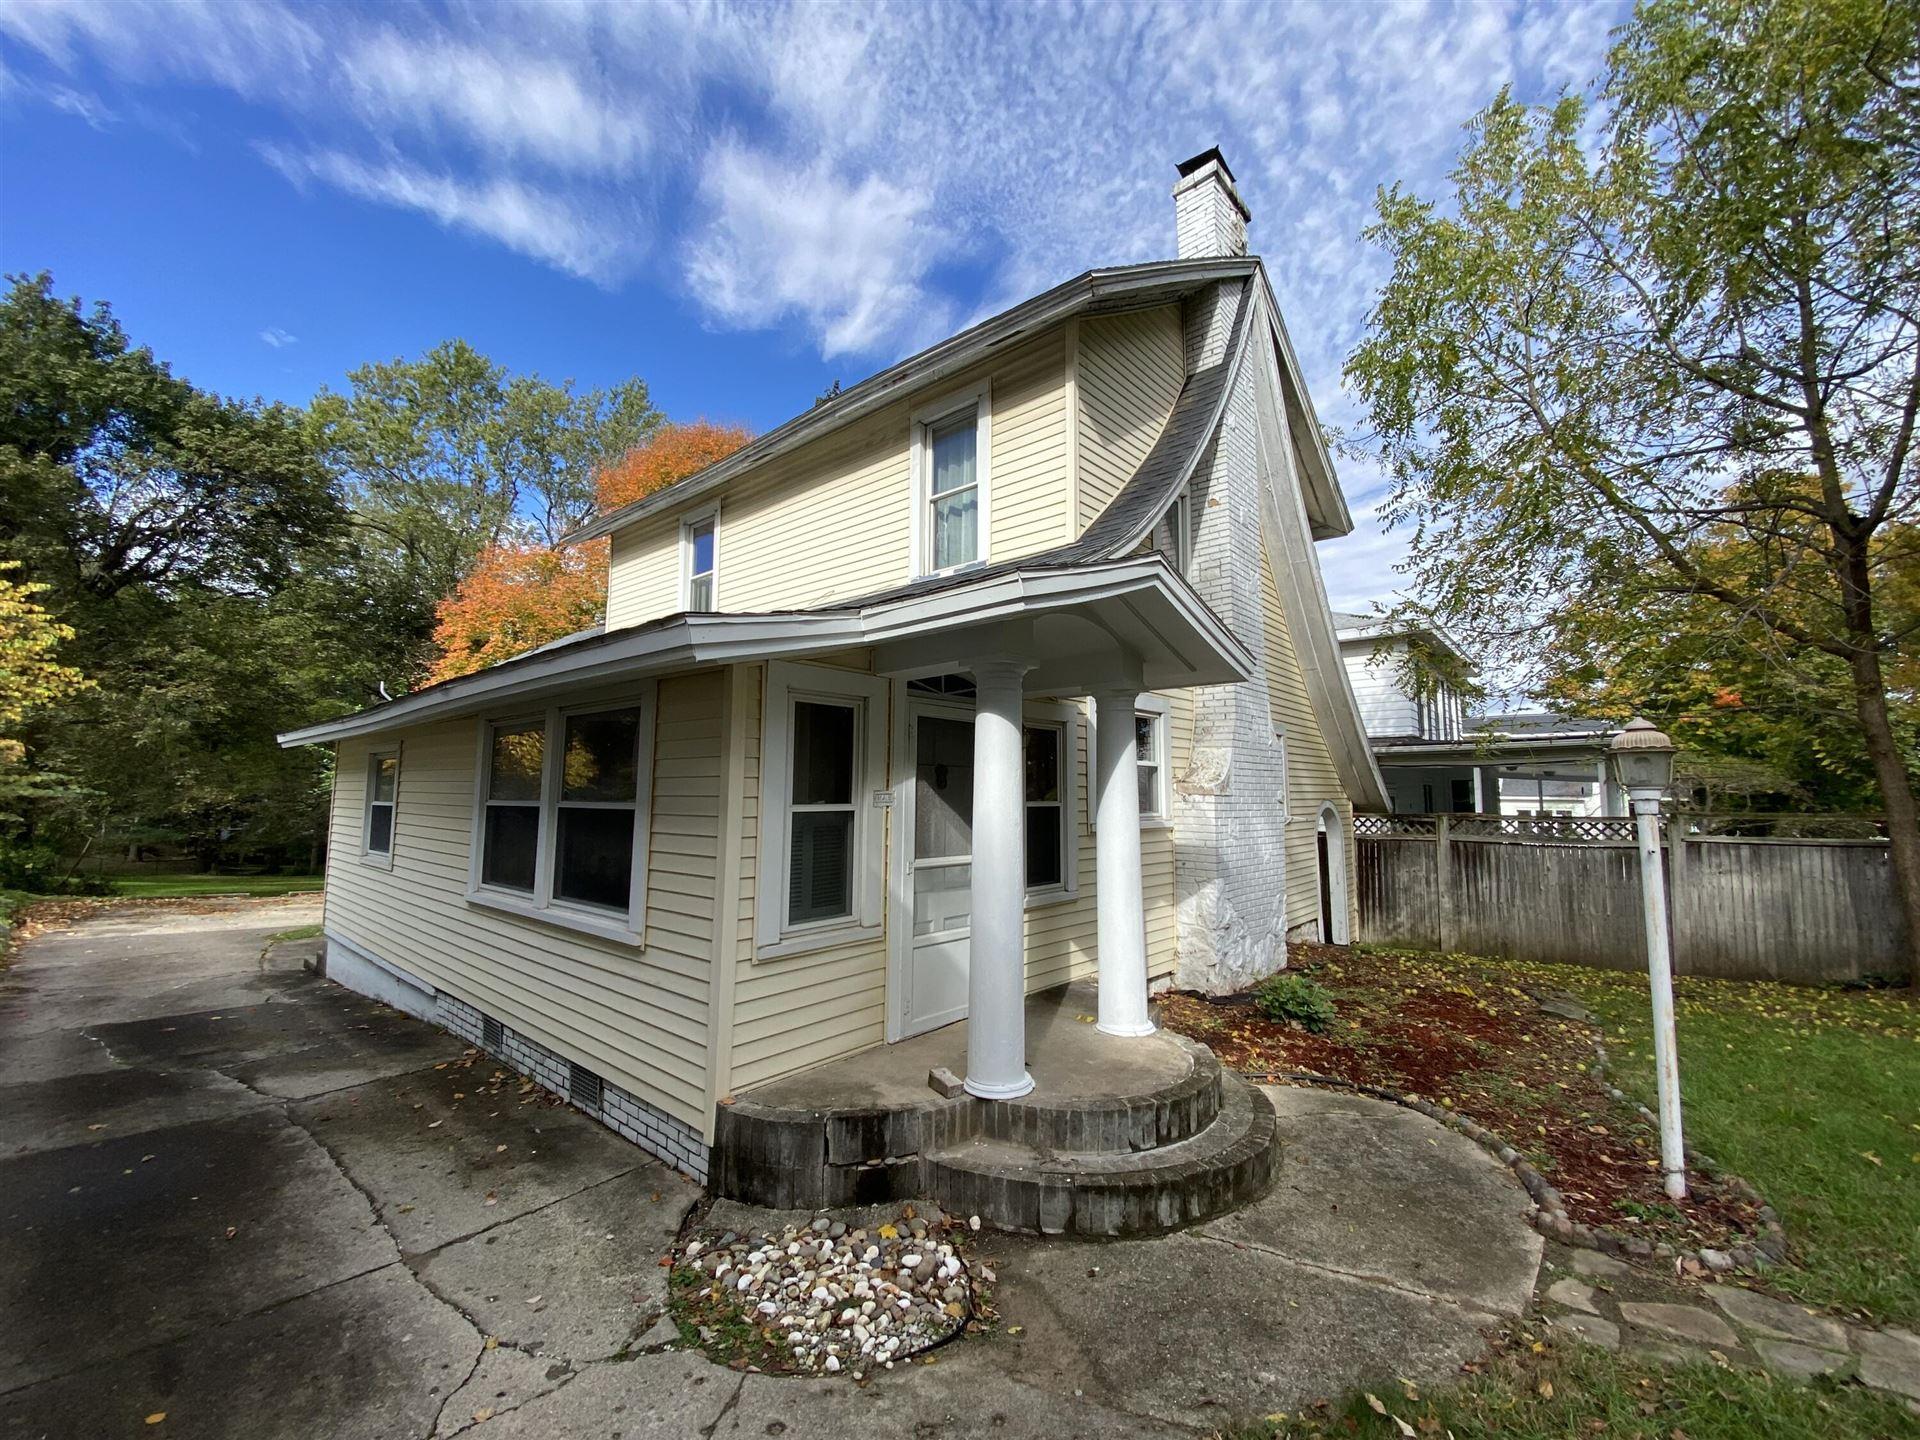 74 N West Street, Hillsdale, MI 49242 - MLS#: 21111467